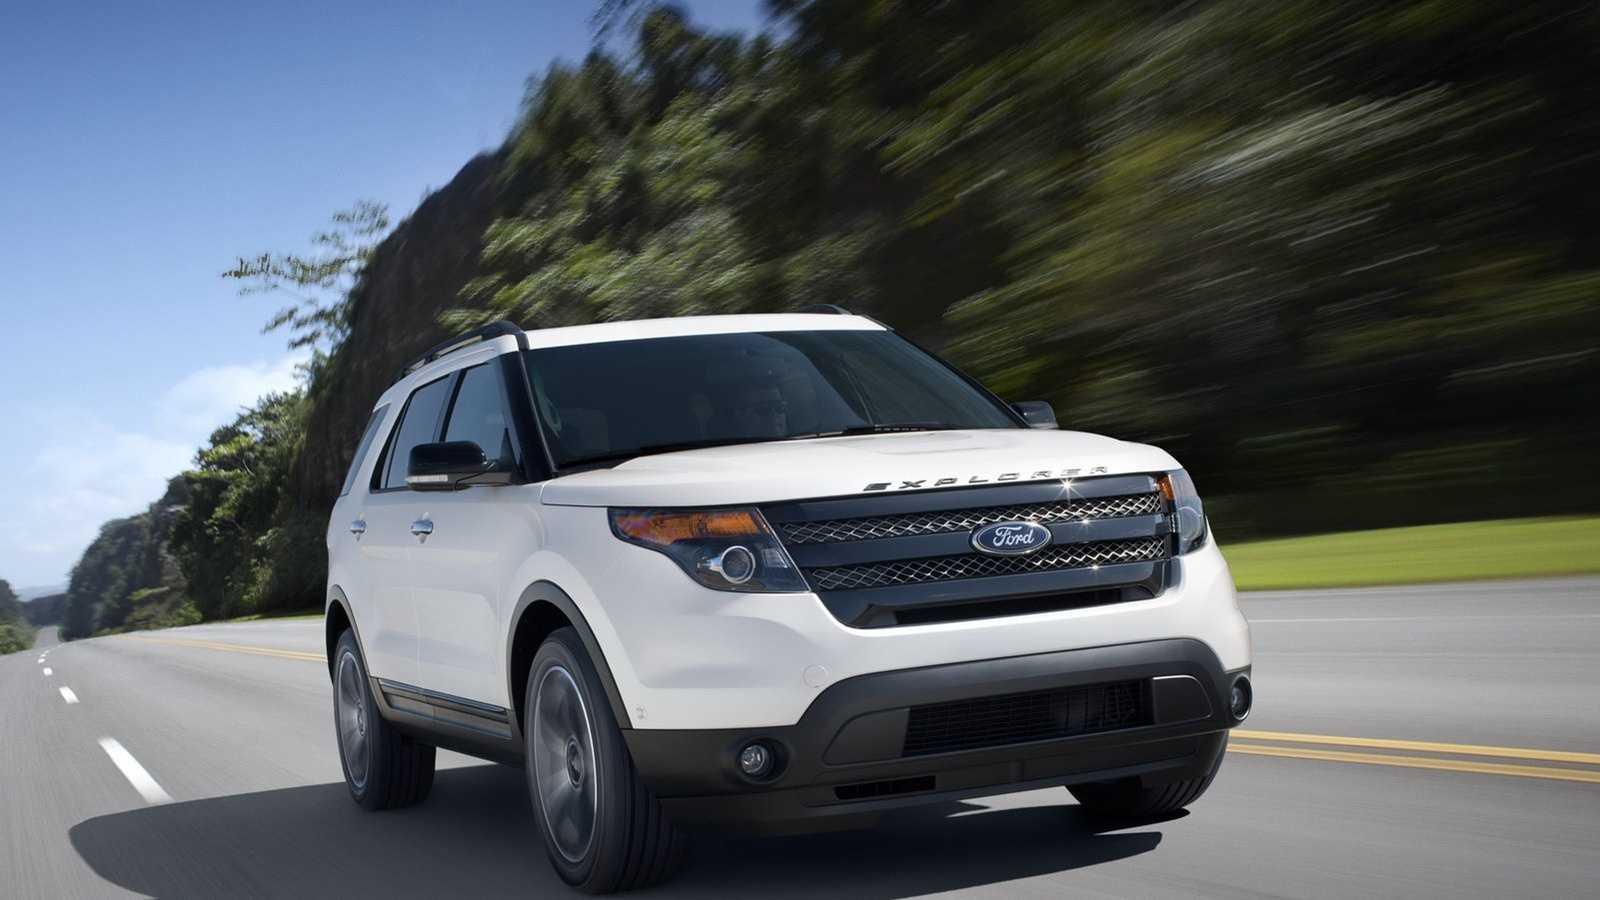 Insurance - 2013 Ford Explorer